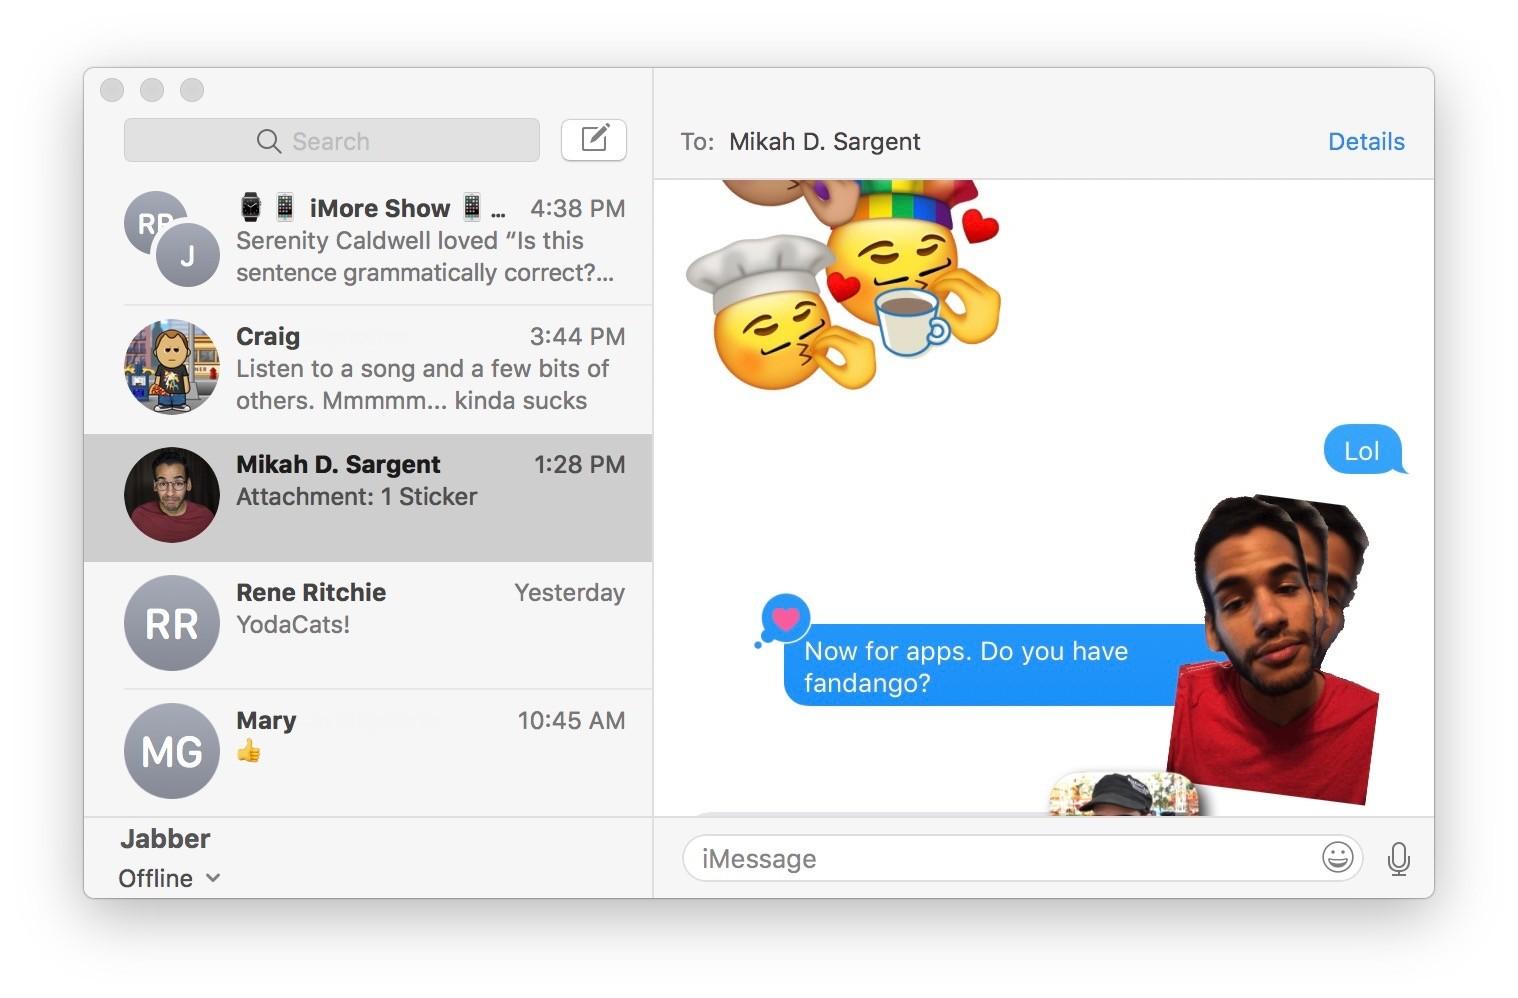 Как пользоваться стикерами и приложениями в iMessage на iPhone и iPad – фото 20